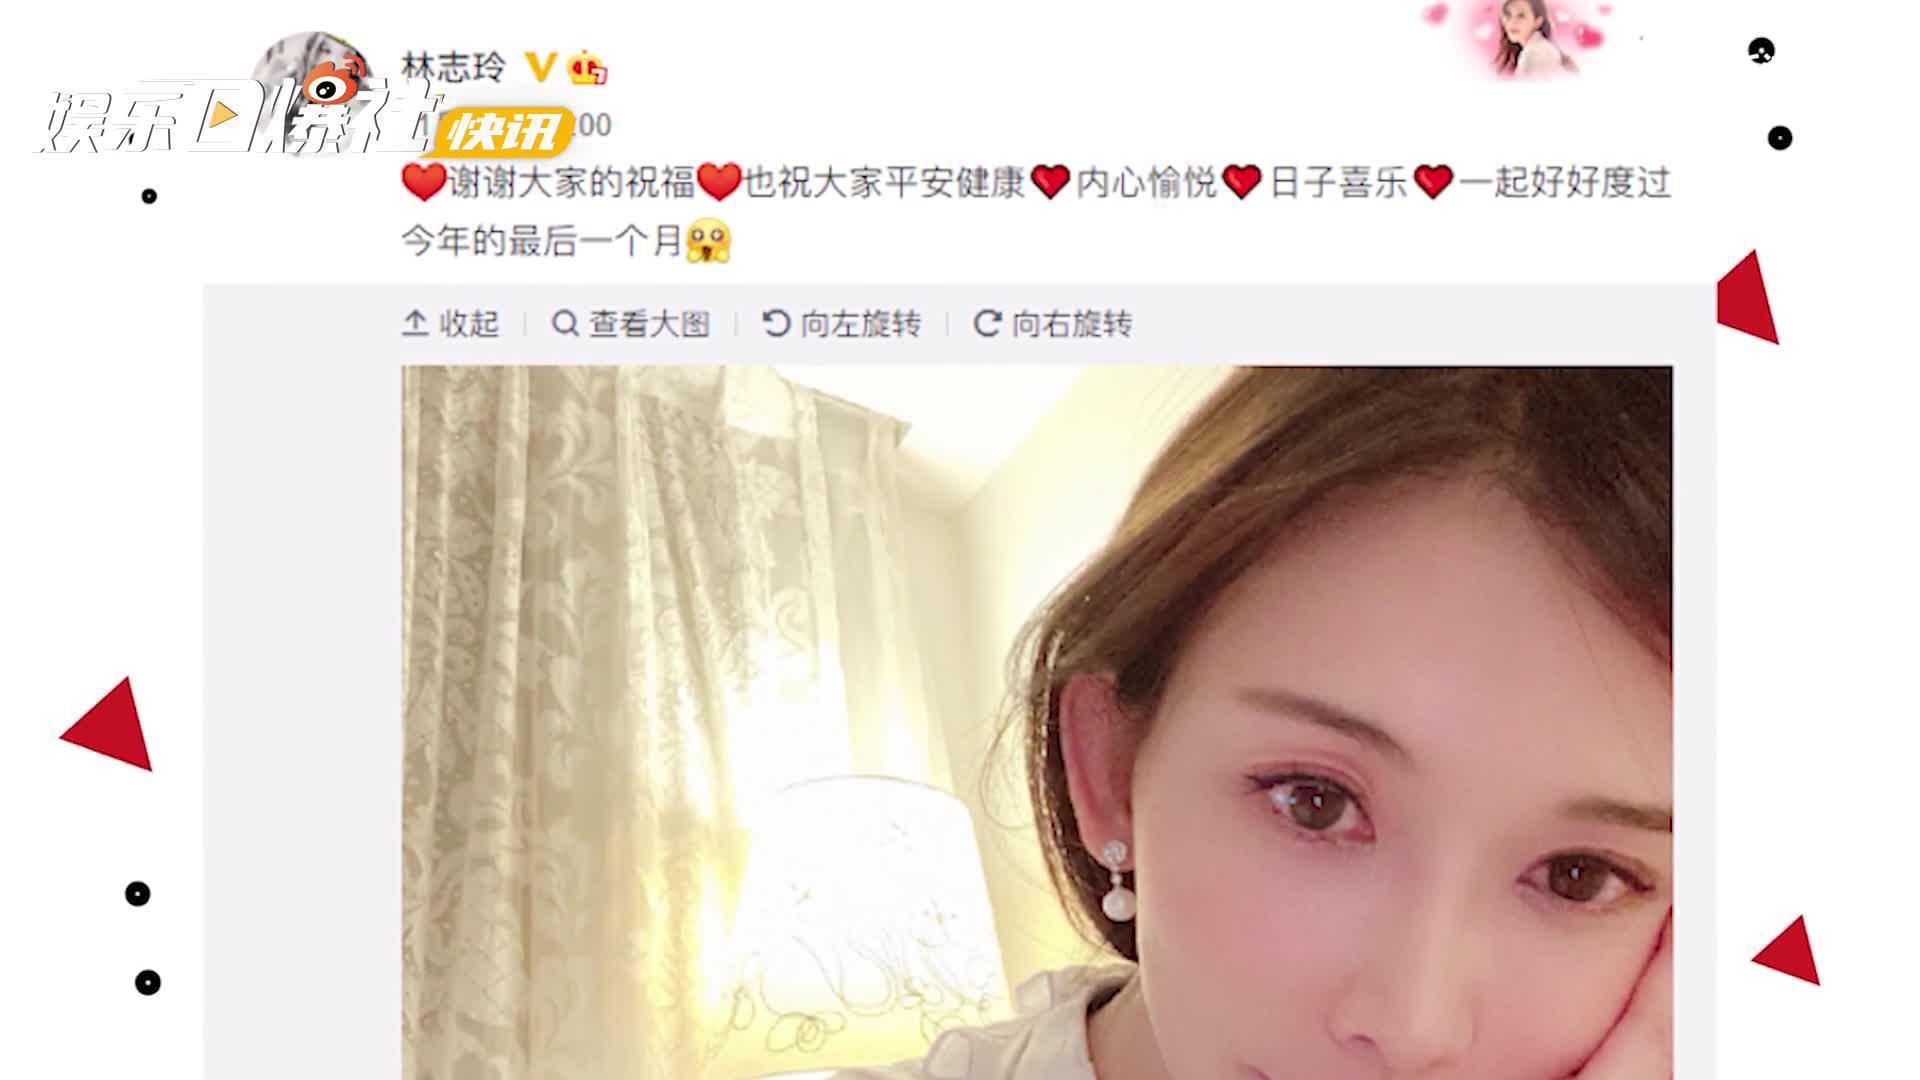 视频:46岁林志玲晒自拍照庆生 托腮微笑状态好